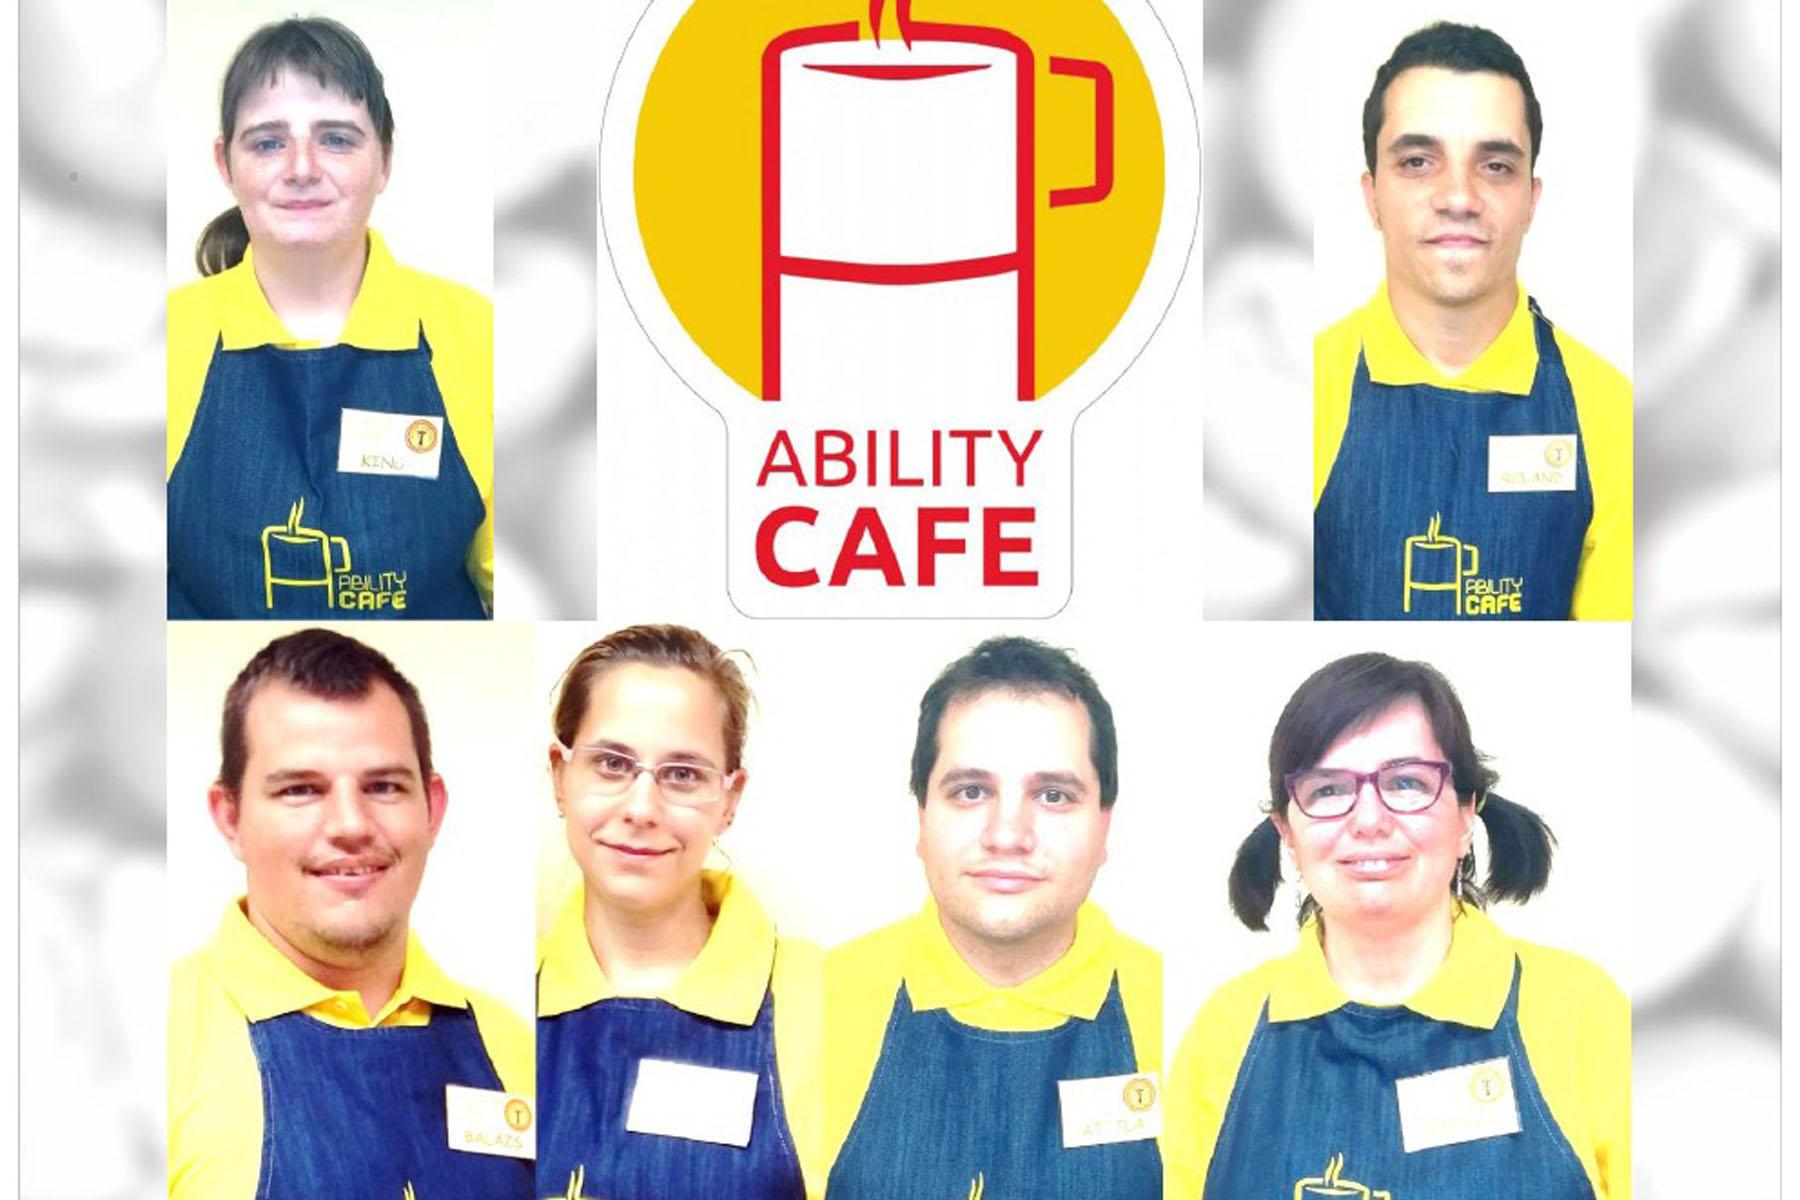 kezdo_ability